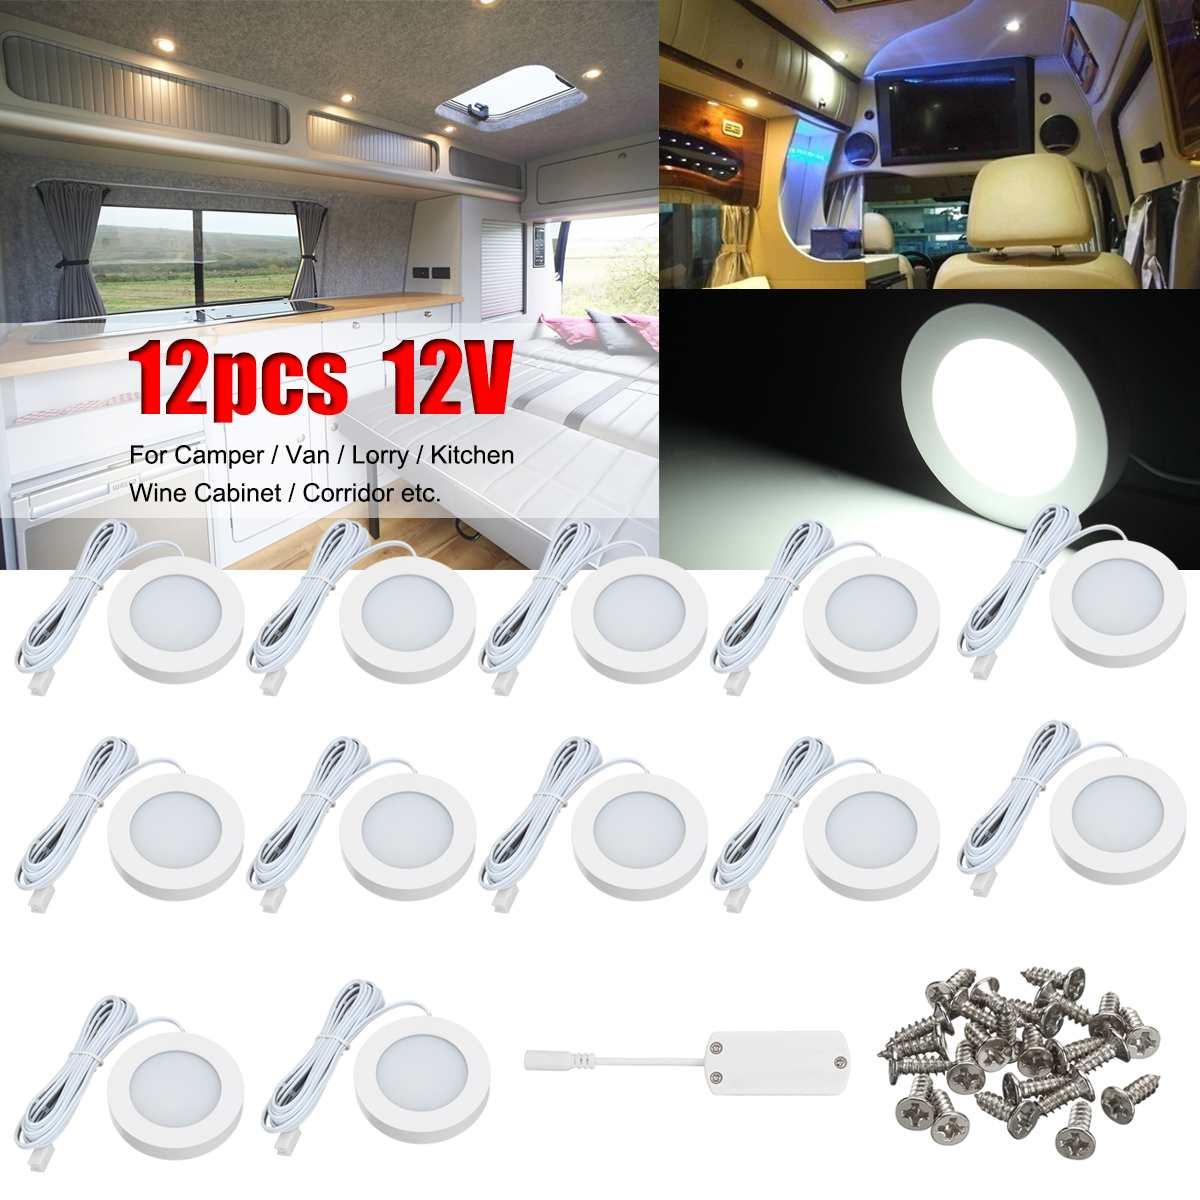 12pcs 12V Car Interior White LED Spot Roof Light White Light 2.5W Reading Lamp For VW T4 T5 Camper Van Caravan Motorhome